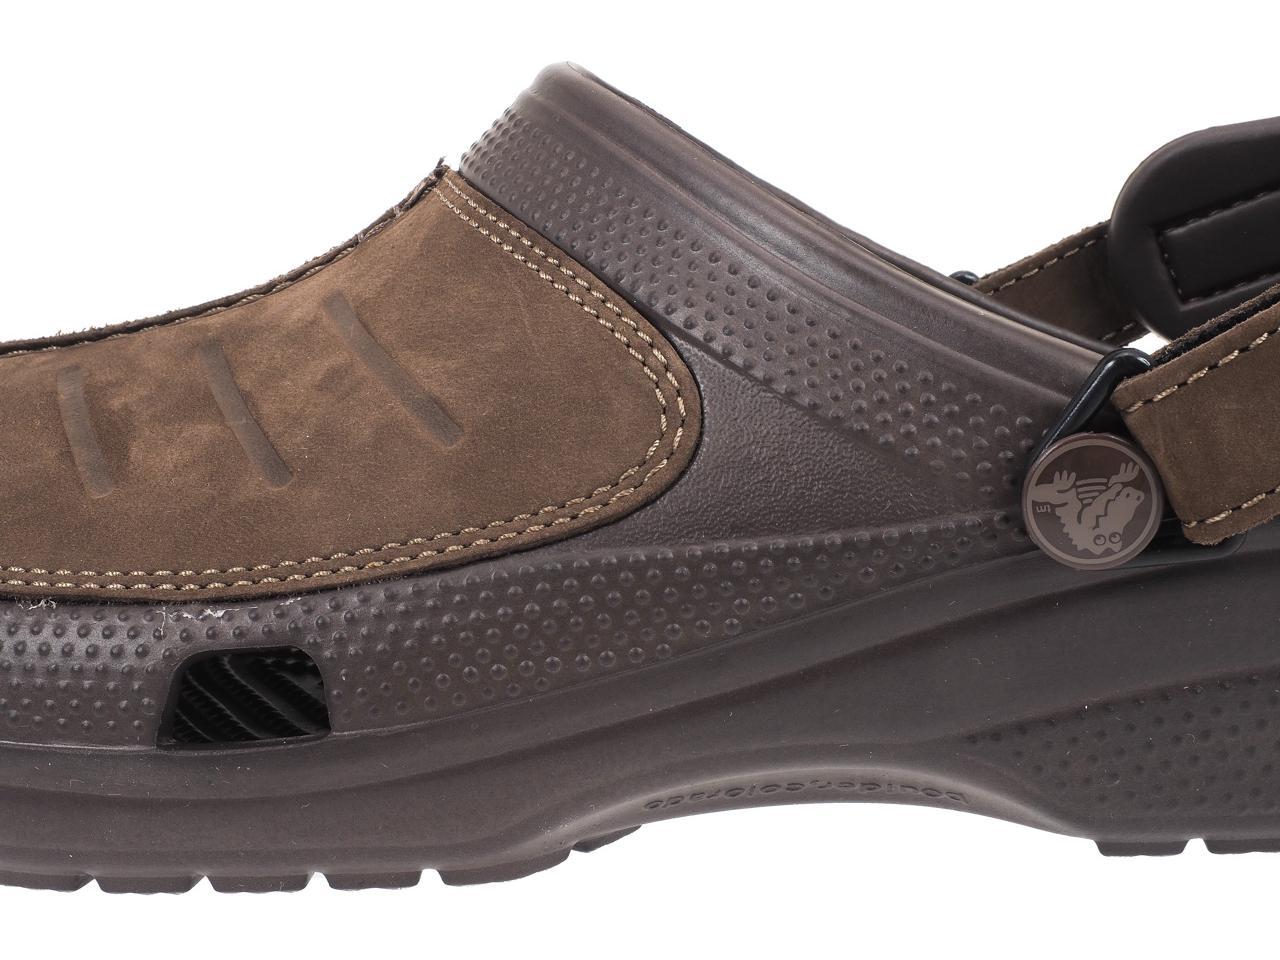 Sabots Crocs Yukon mesa clog noir Noir 78870 - Neuf wyG82m